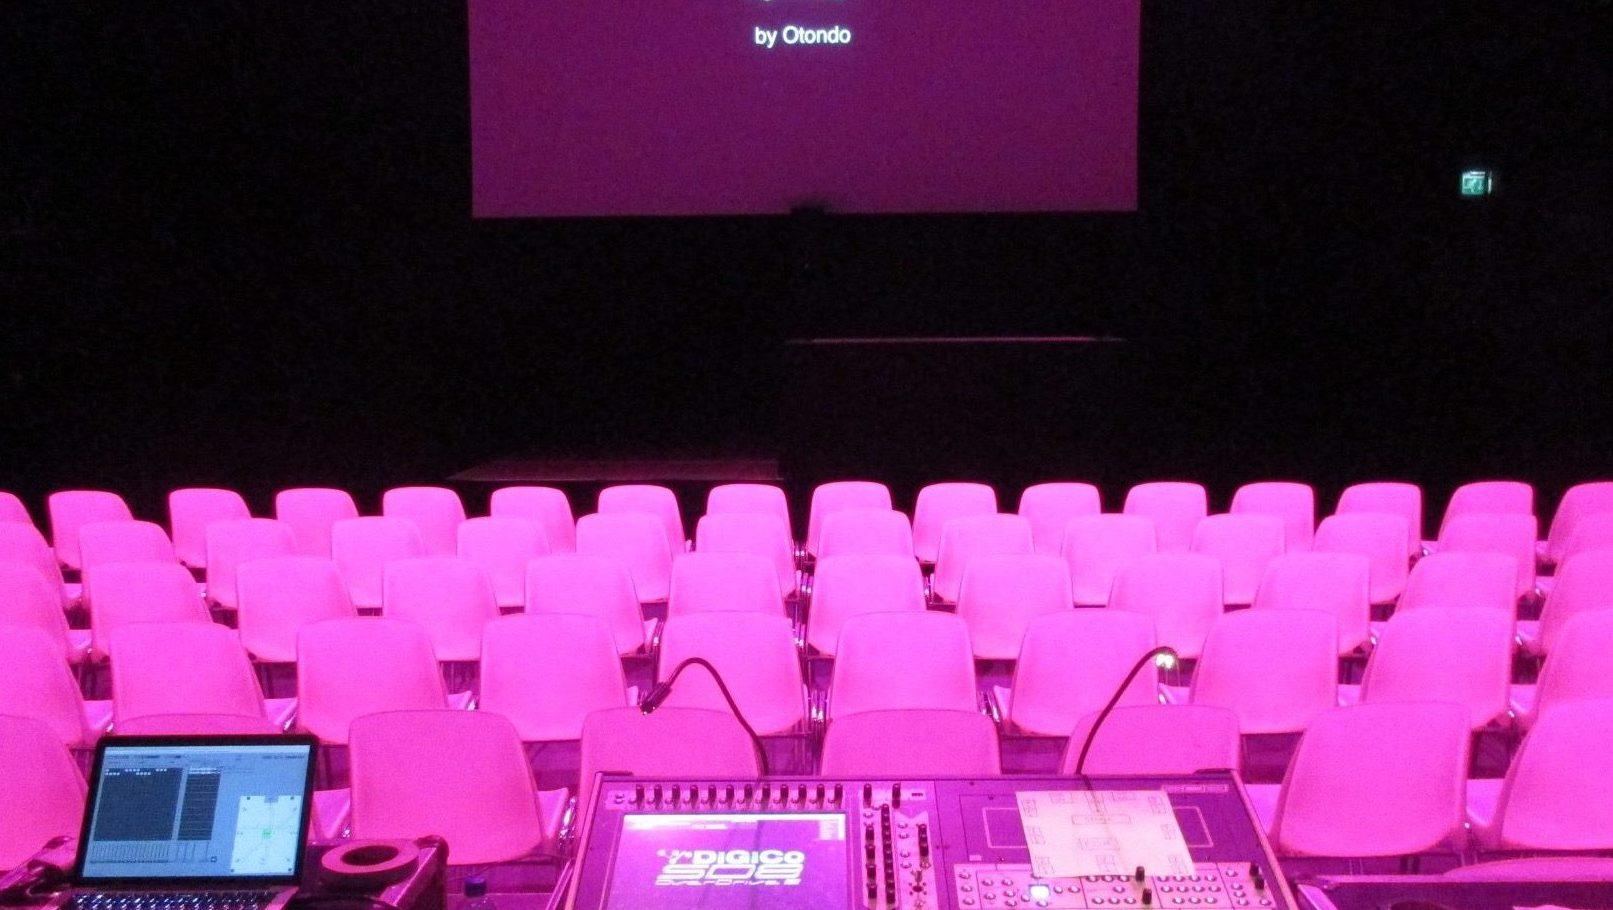 foto_concierto_icmc_otondo